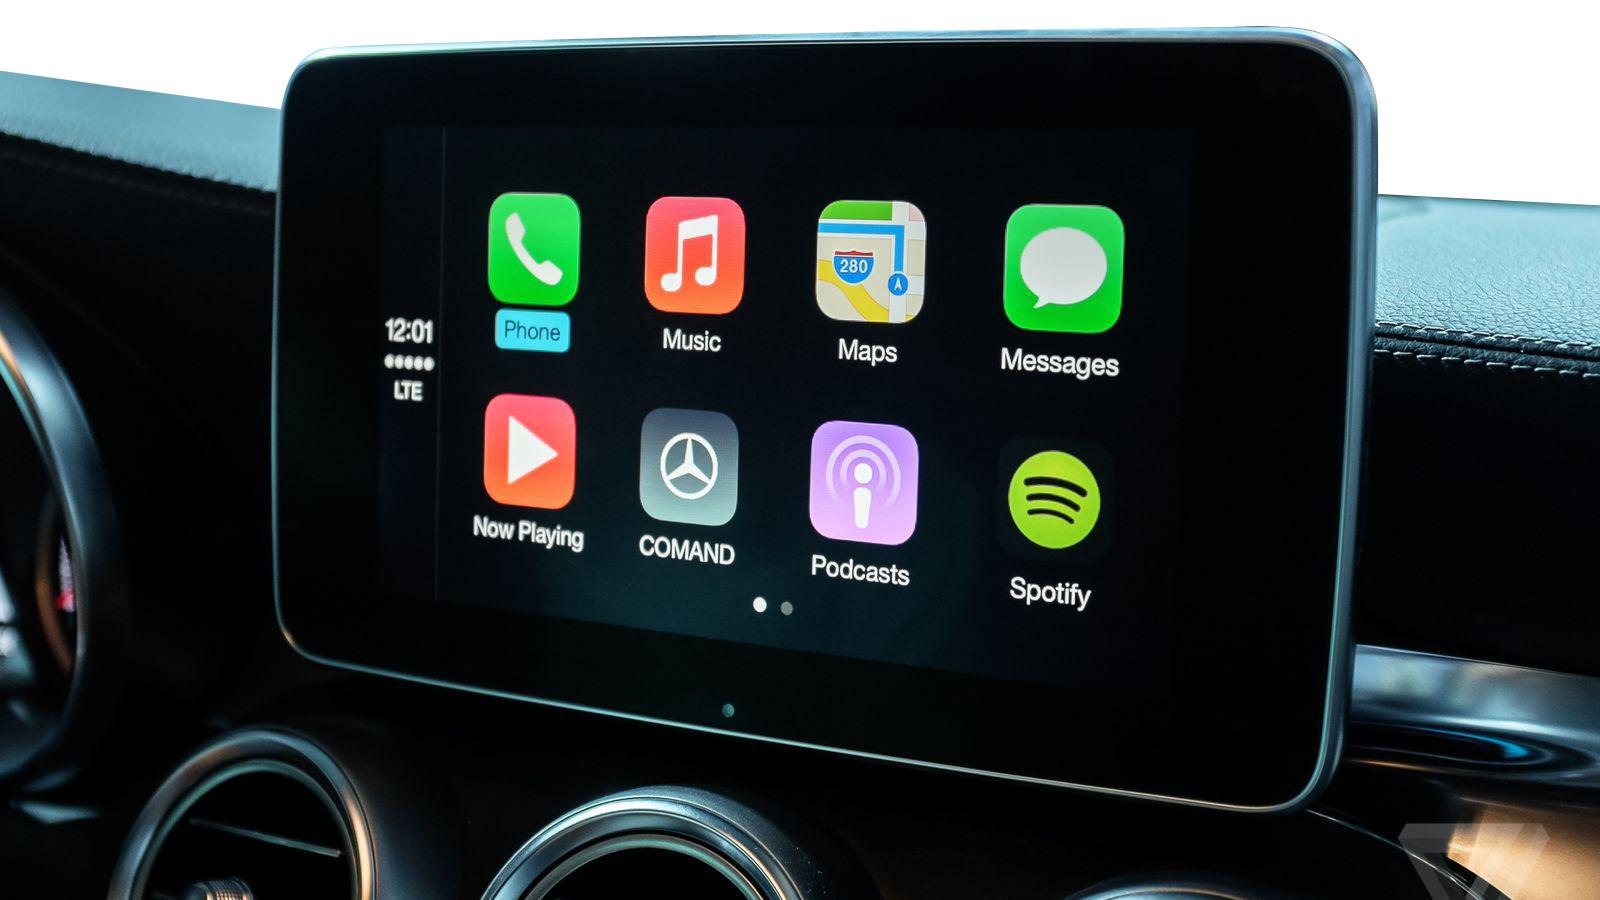 Apple CarPlay pour Mercedes Classe A, Classe B, Classe C, Classe E, CLA, CLS, GLA, GLE et GLS avec NTG5.1 de 2015 à 2017